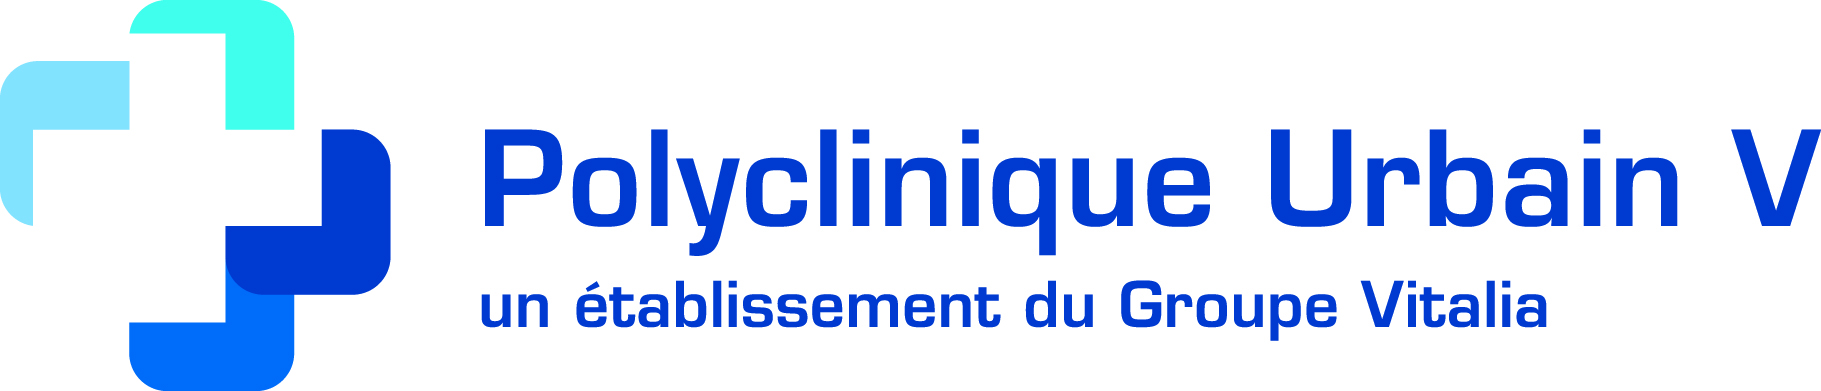 logo UrbainV QUAD